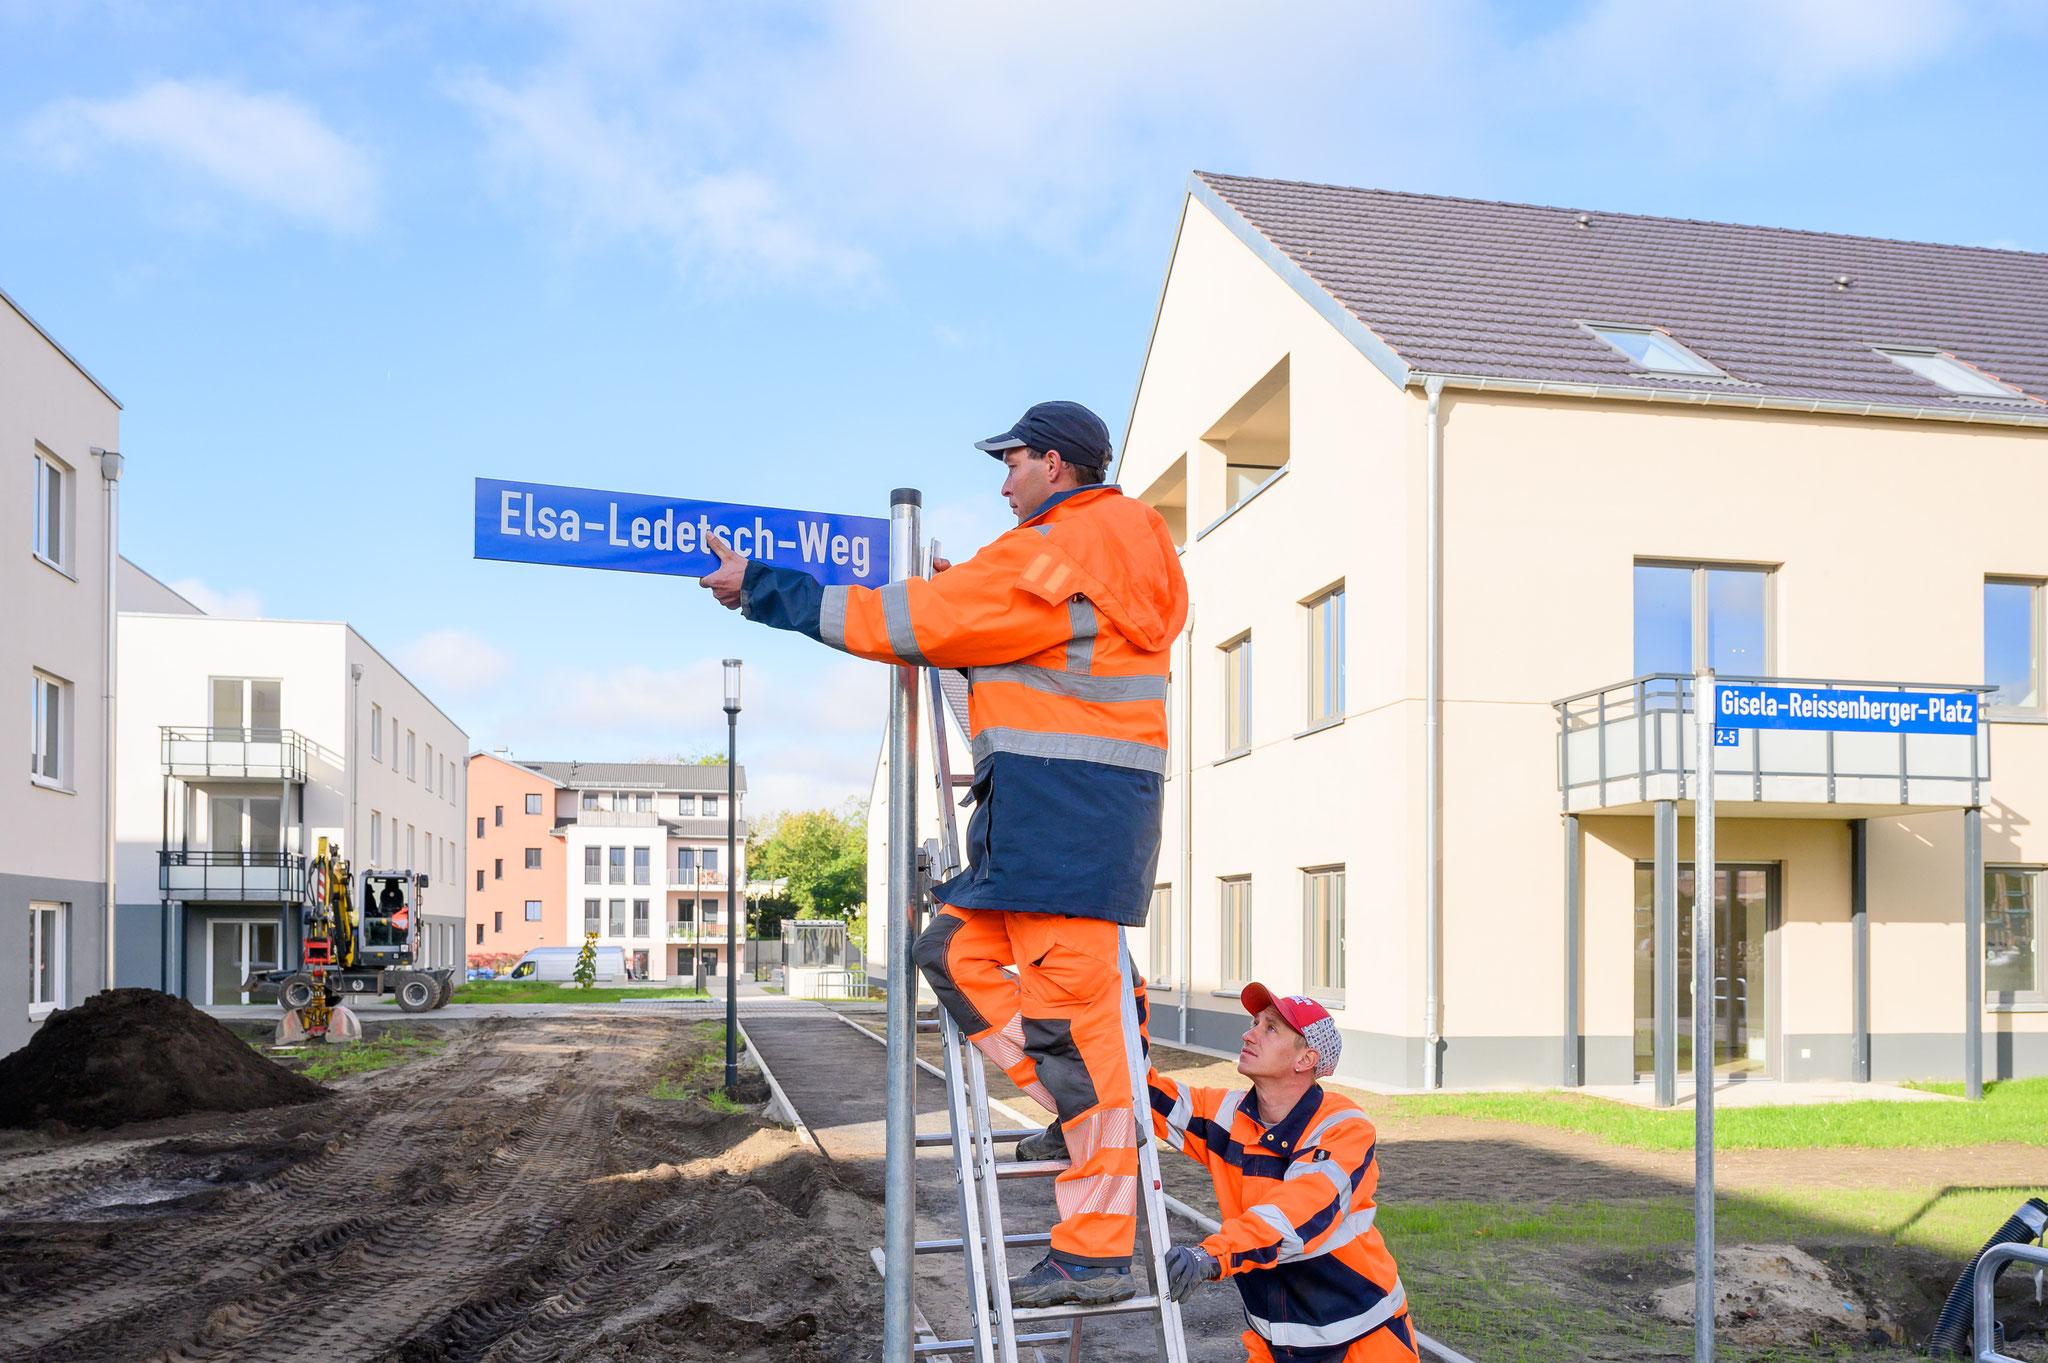 Die neuen Straßenschilder wurden im Gut Alt-Biesdorf von der Firma VSTR AG Rodewisch montiert. © STADT UND LAND